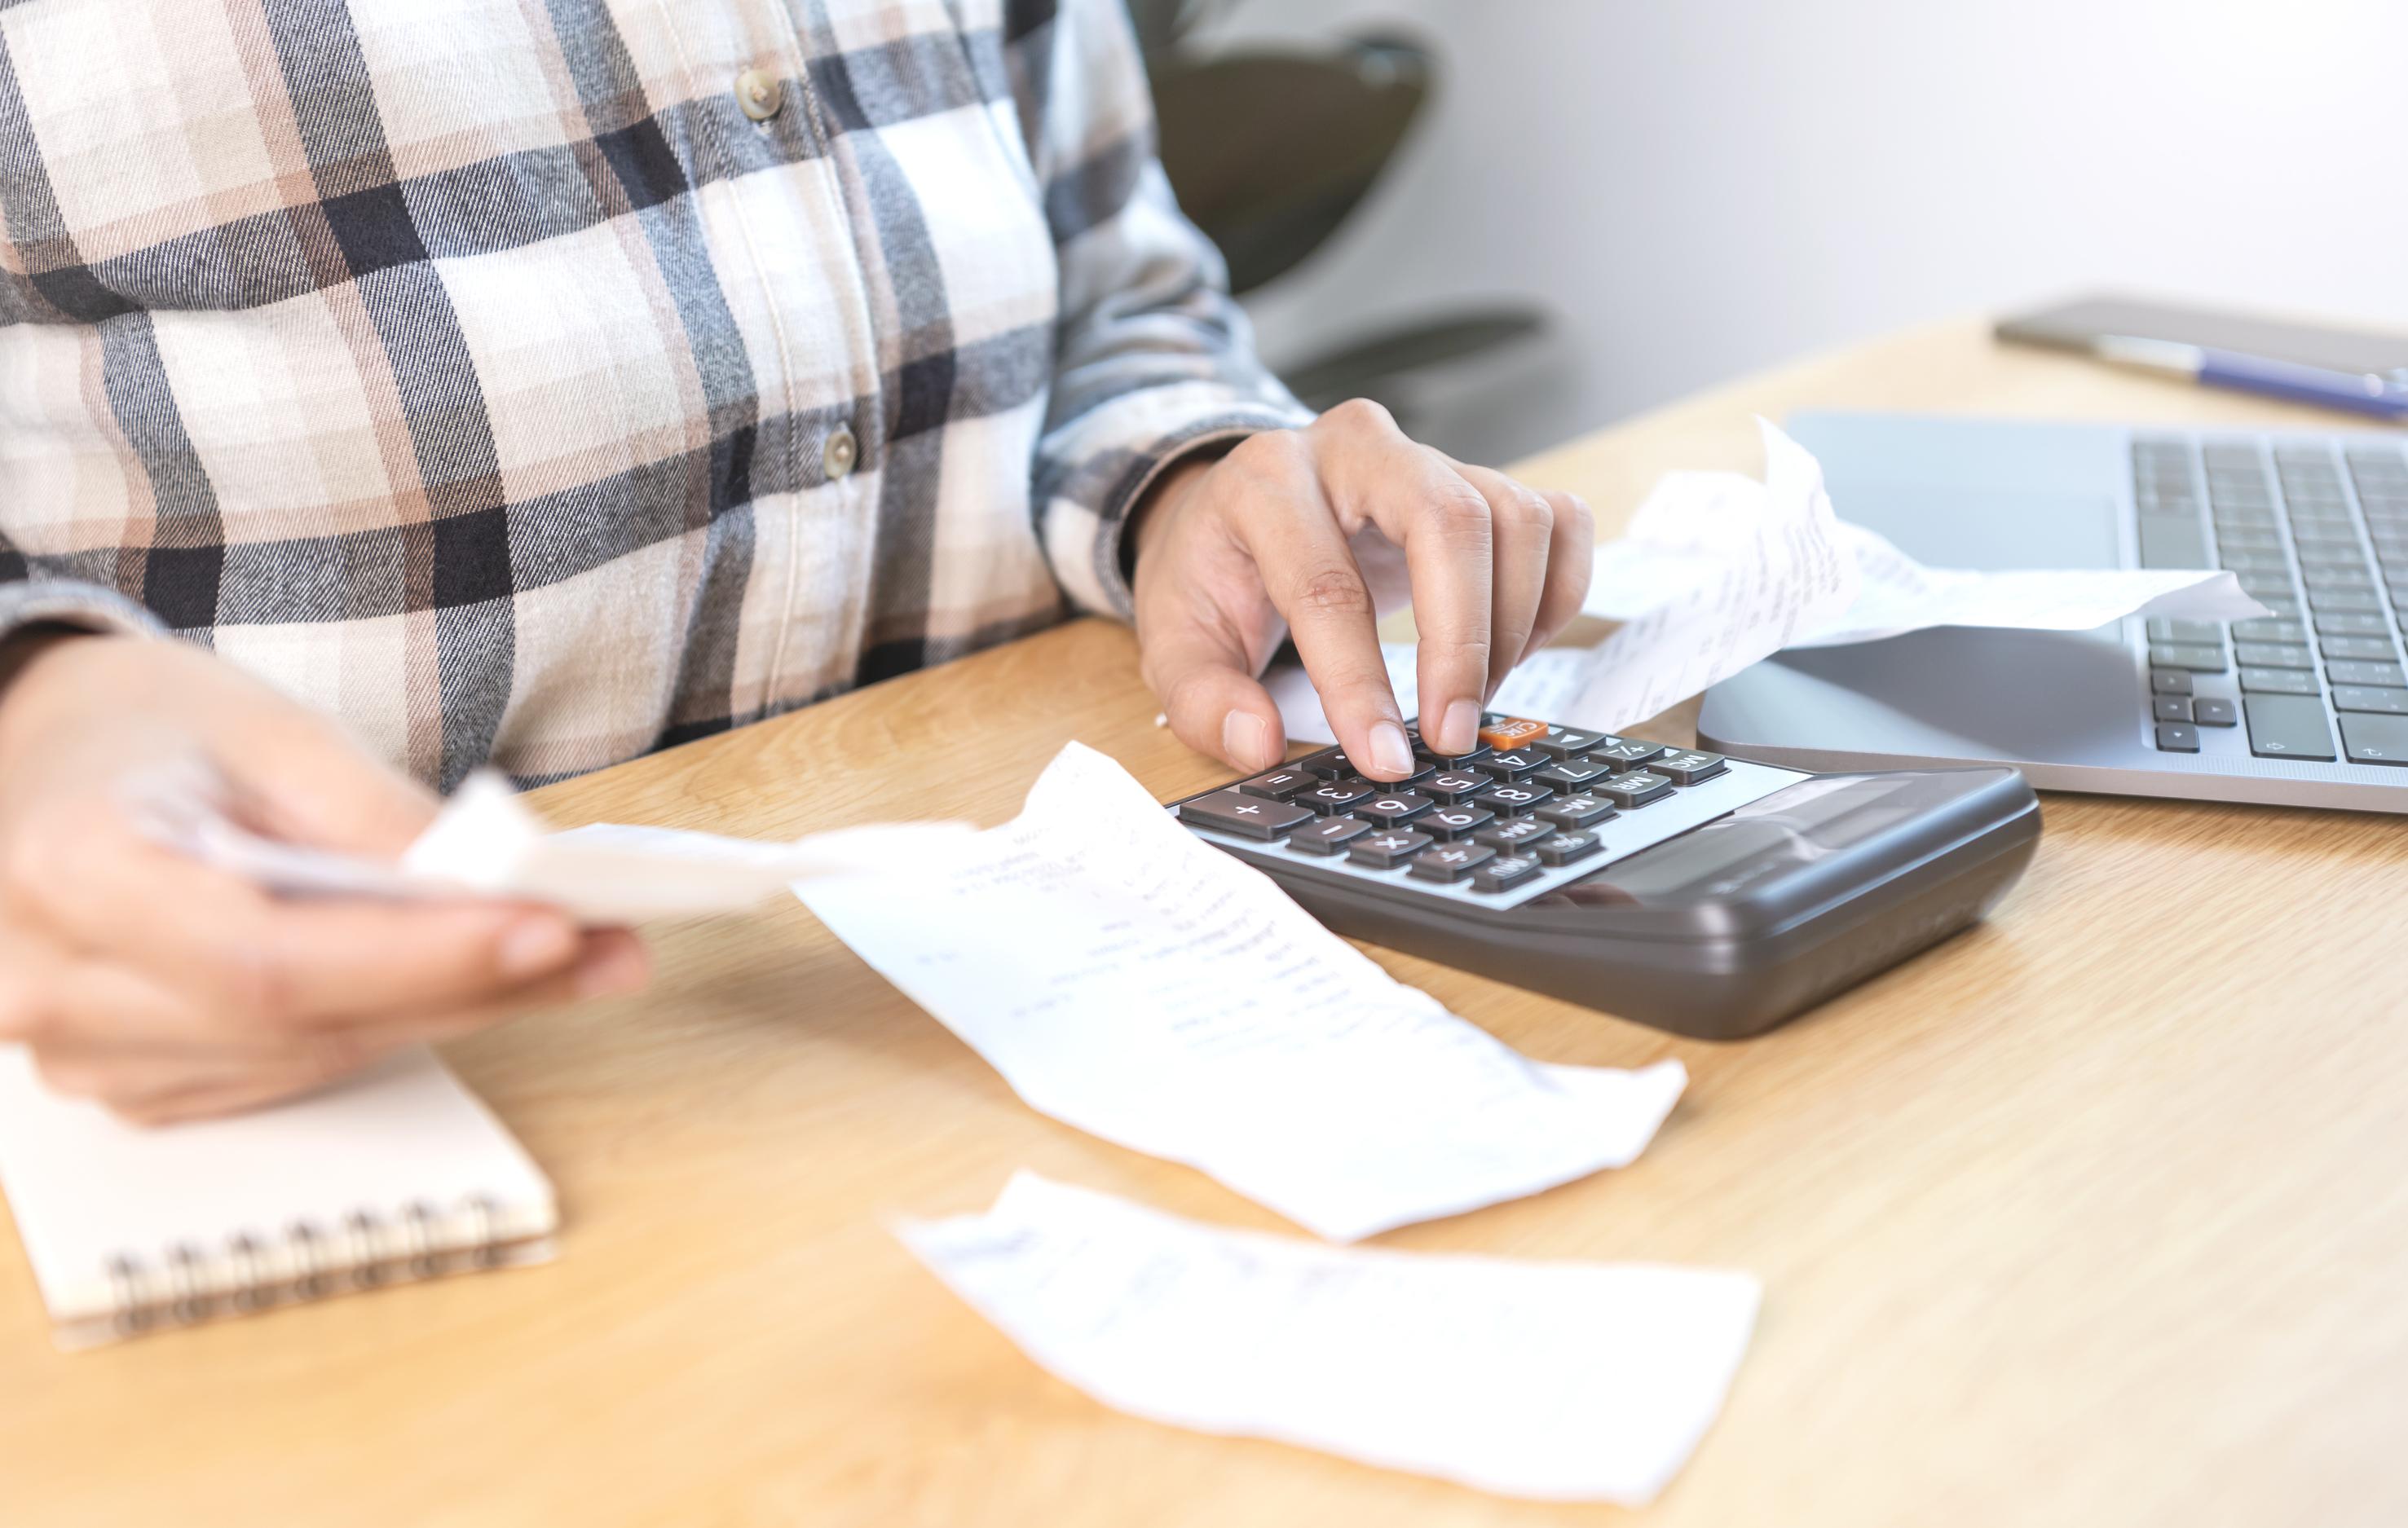 คำนวณยื่นภาษี ภ.ง.ด.1 ฉบับเข้าใจง่าย